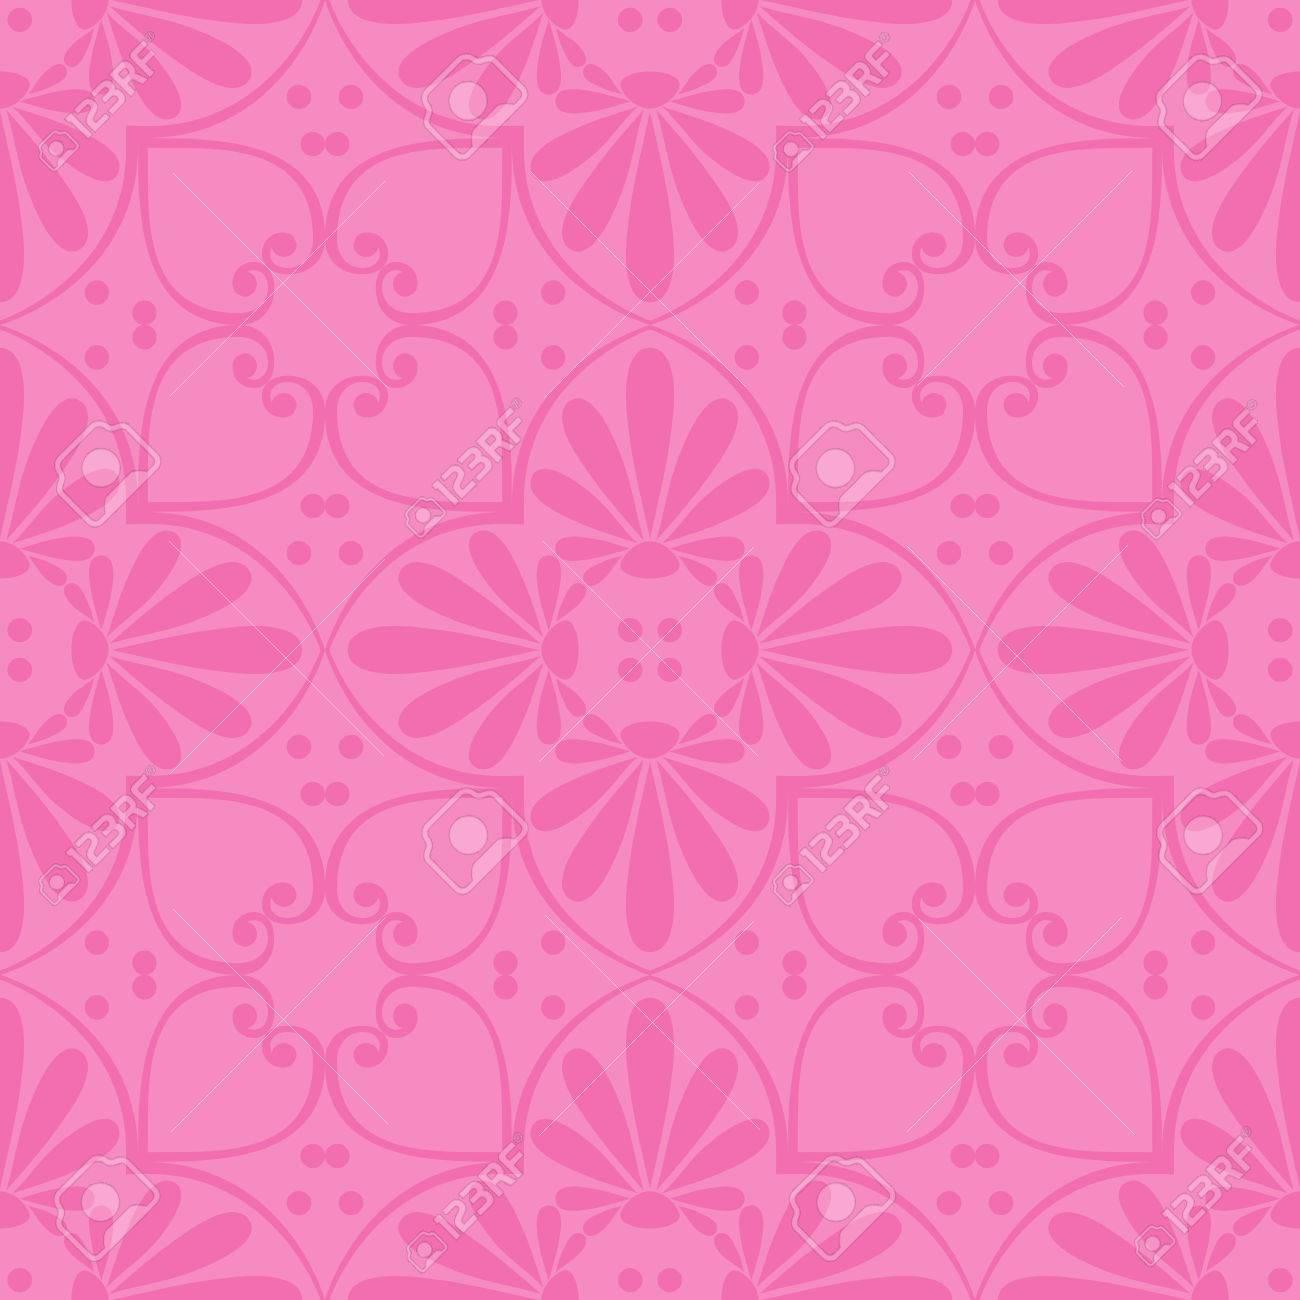 シームレスなかわいいピンク ギリシャの花柄 無限テクスチャ壁紙や